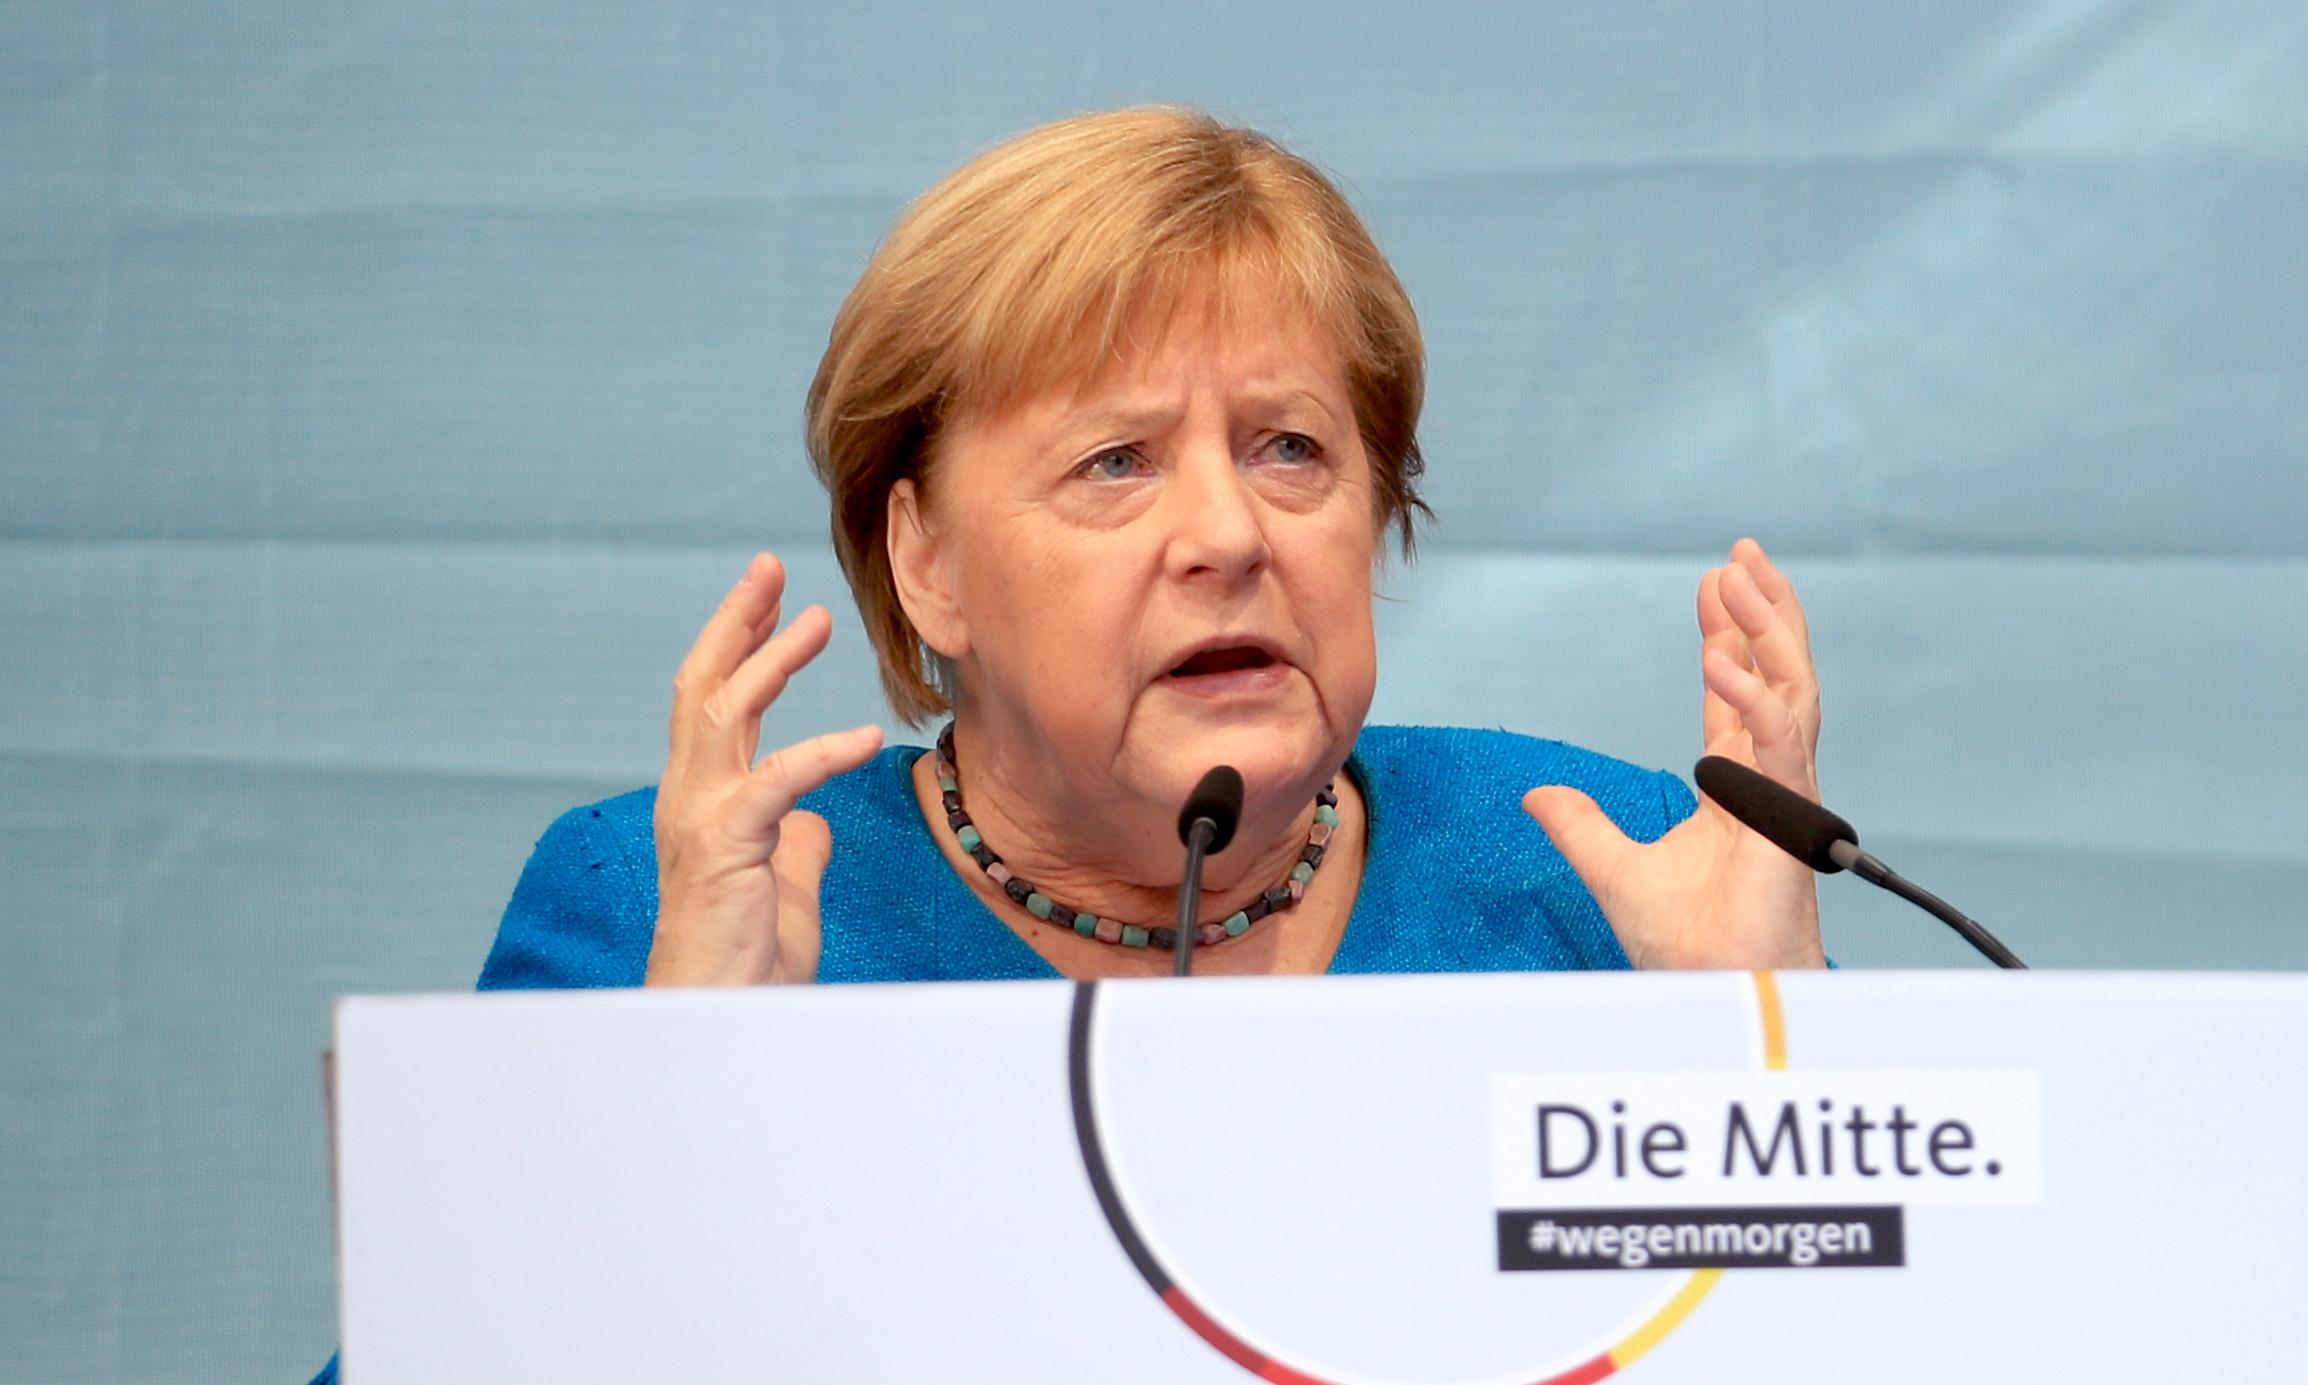 Thủ tướng Angela Merkel phát biểu tại một cuộc vận động ở thành phố Aachen, Đức, hôm 25/9. Ảnh: Reuters.